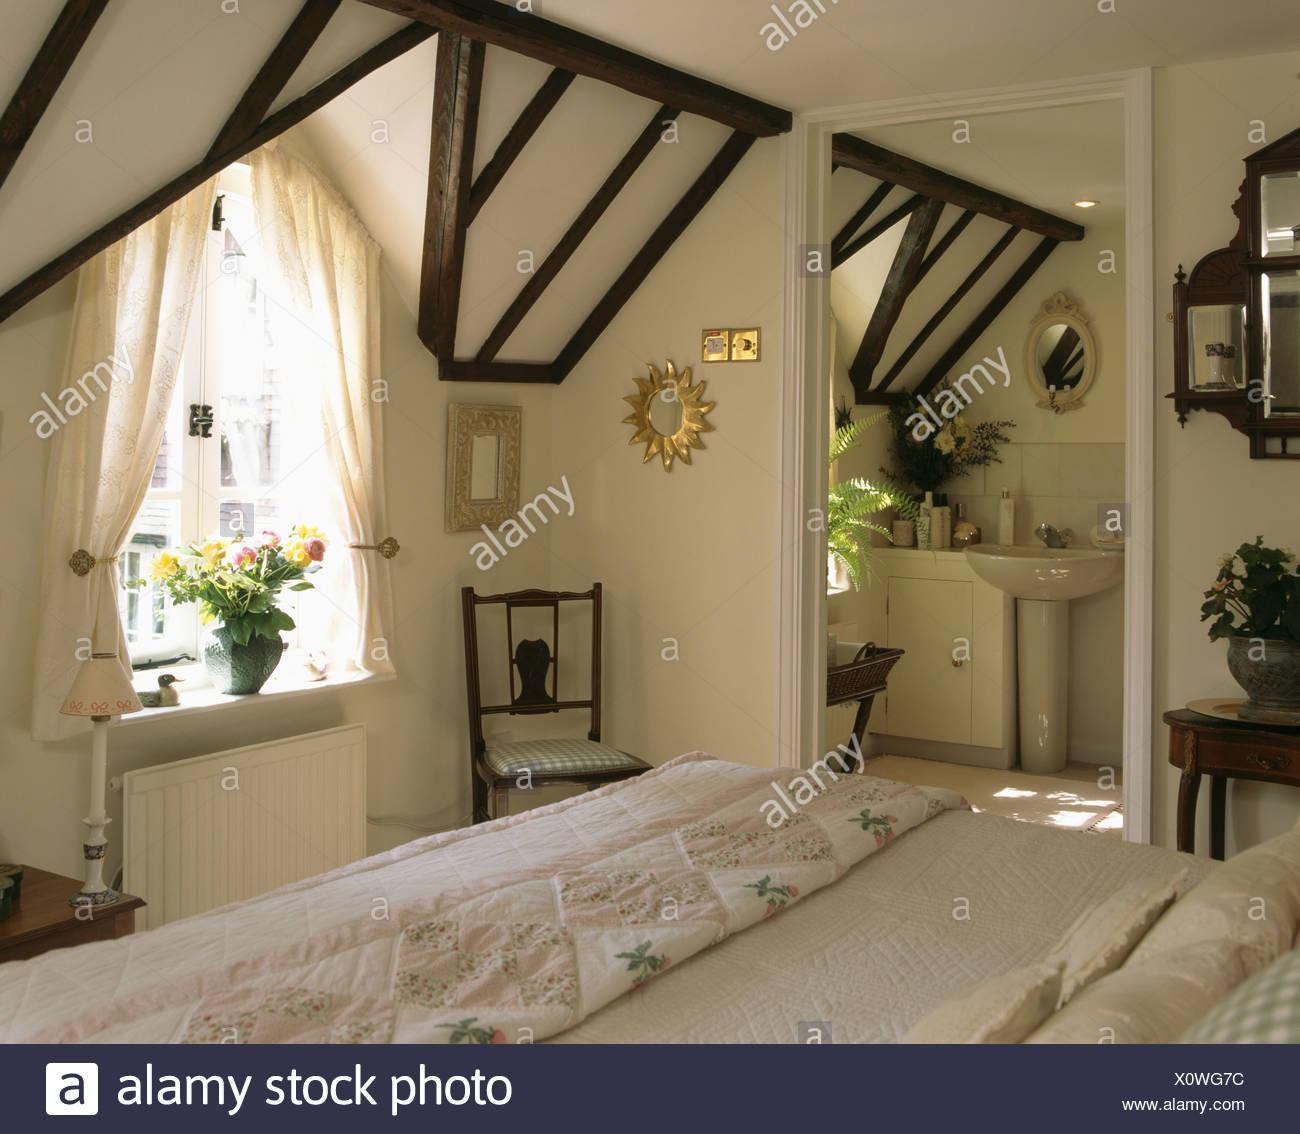 Traditionelle weiße Dachgeschoss Schlafzimmer mit Tür zum Bad ...